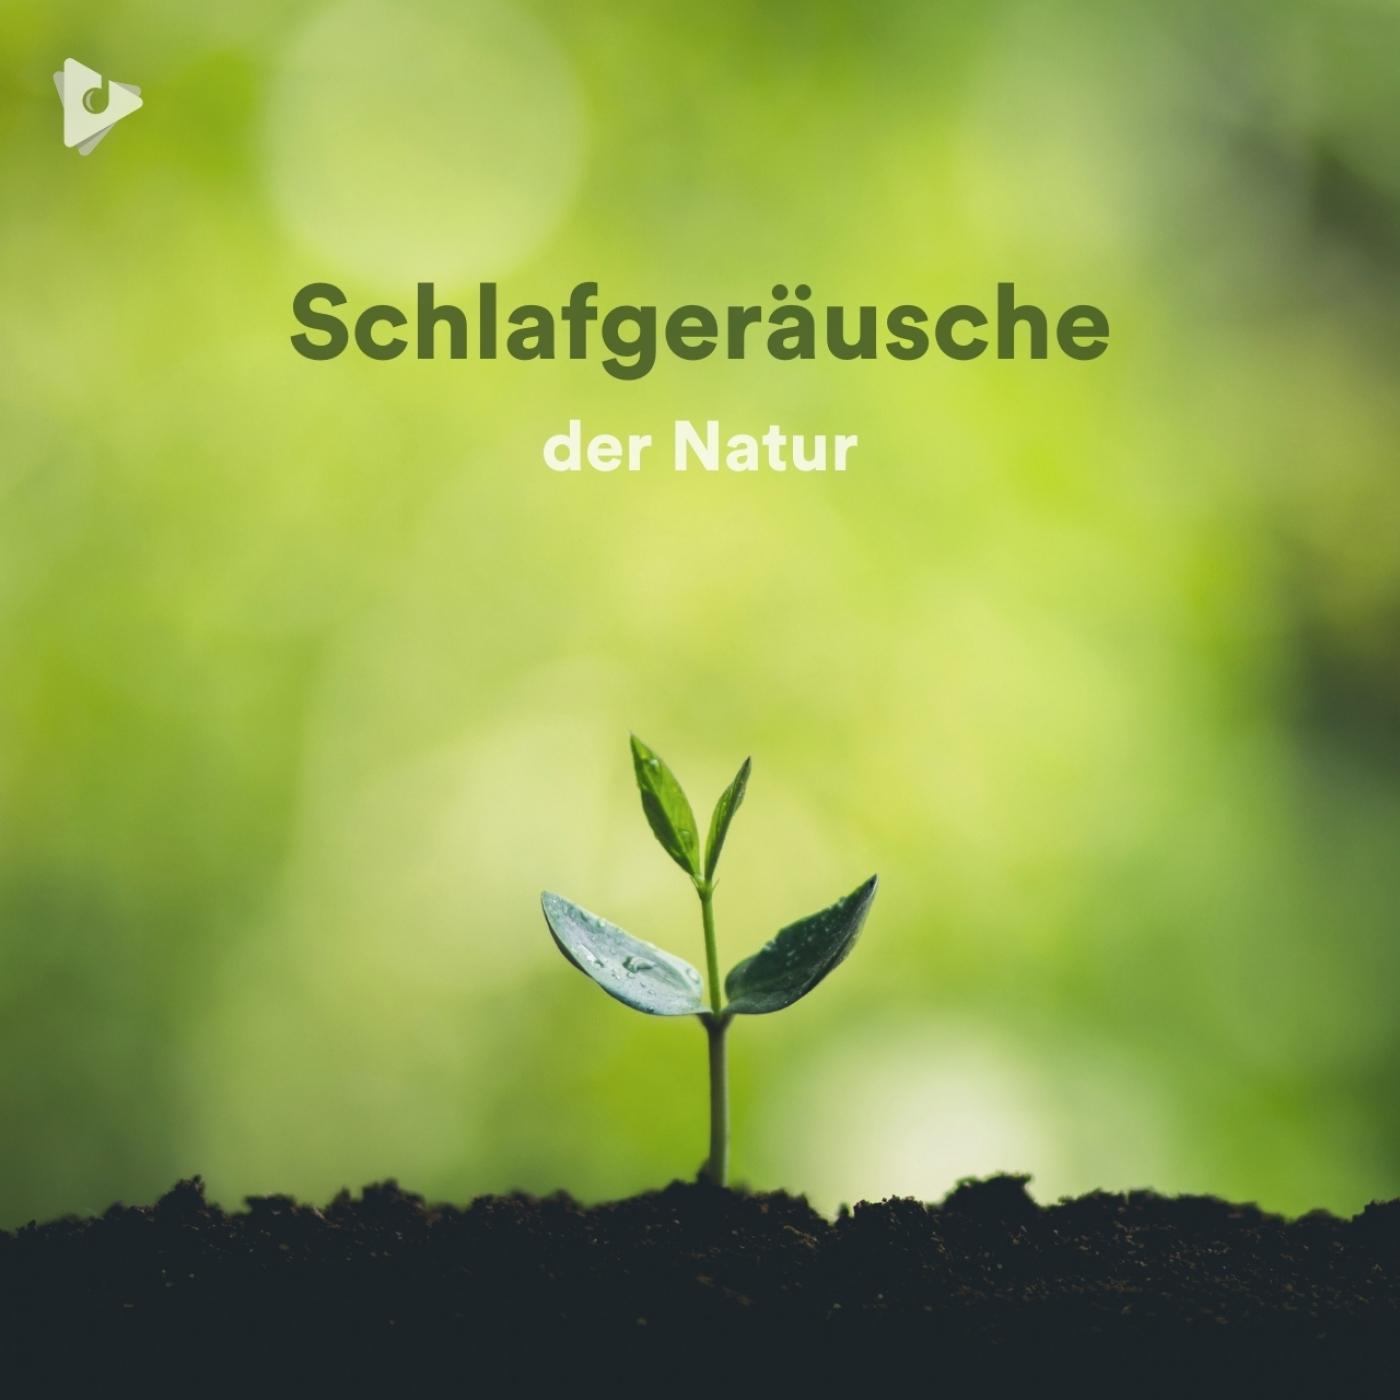 Schlafgeräusche der Natur